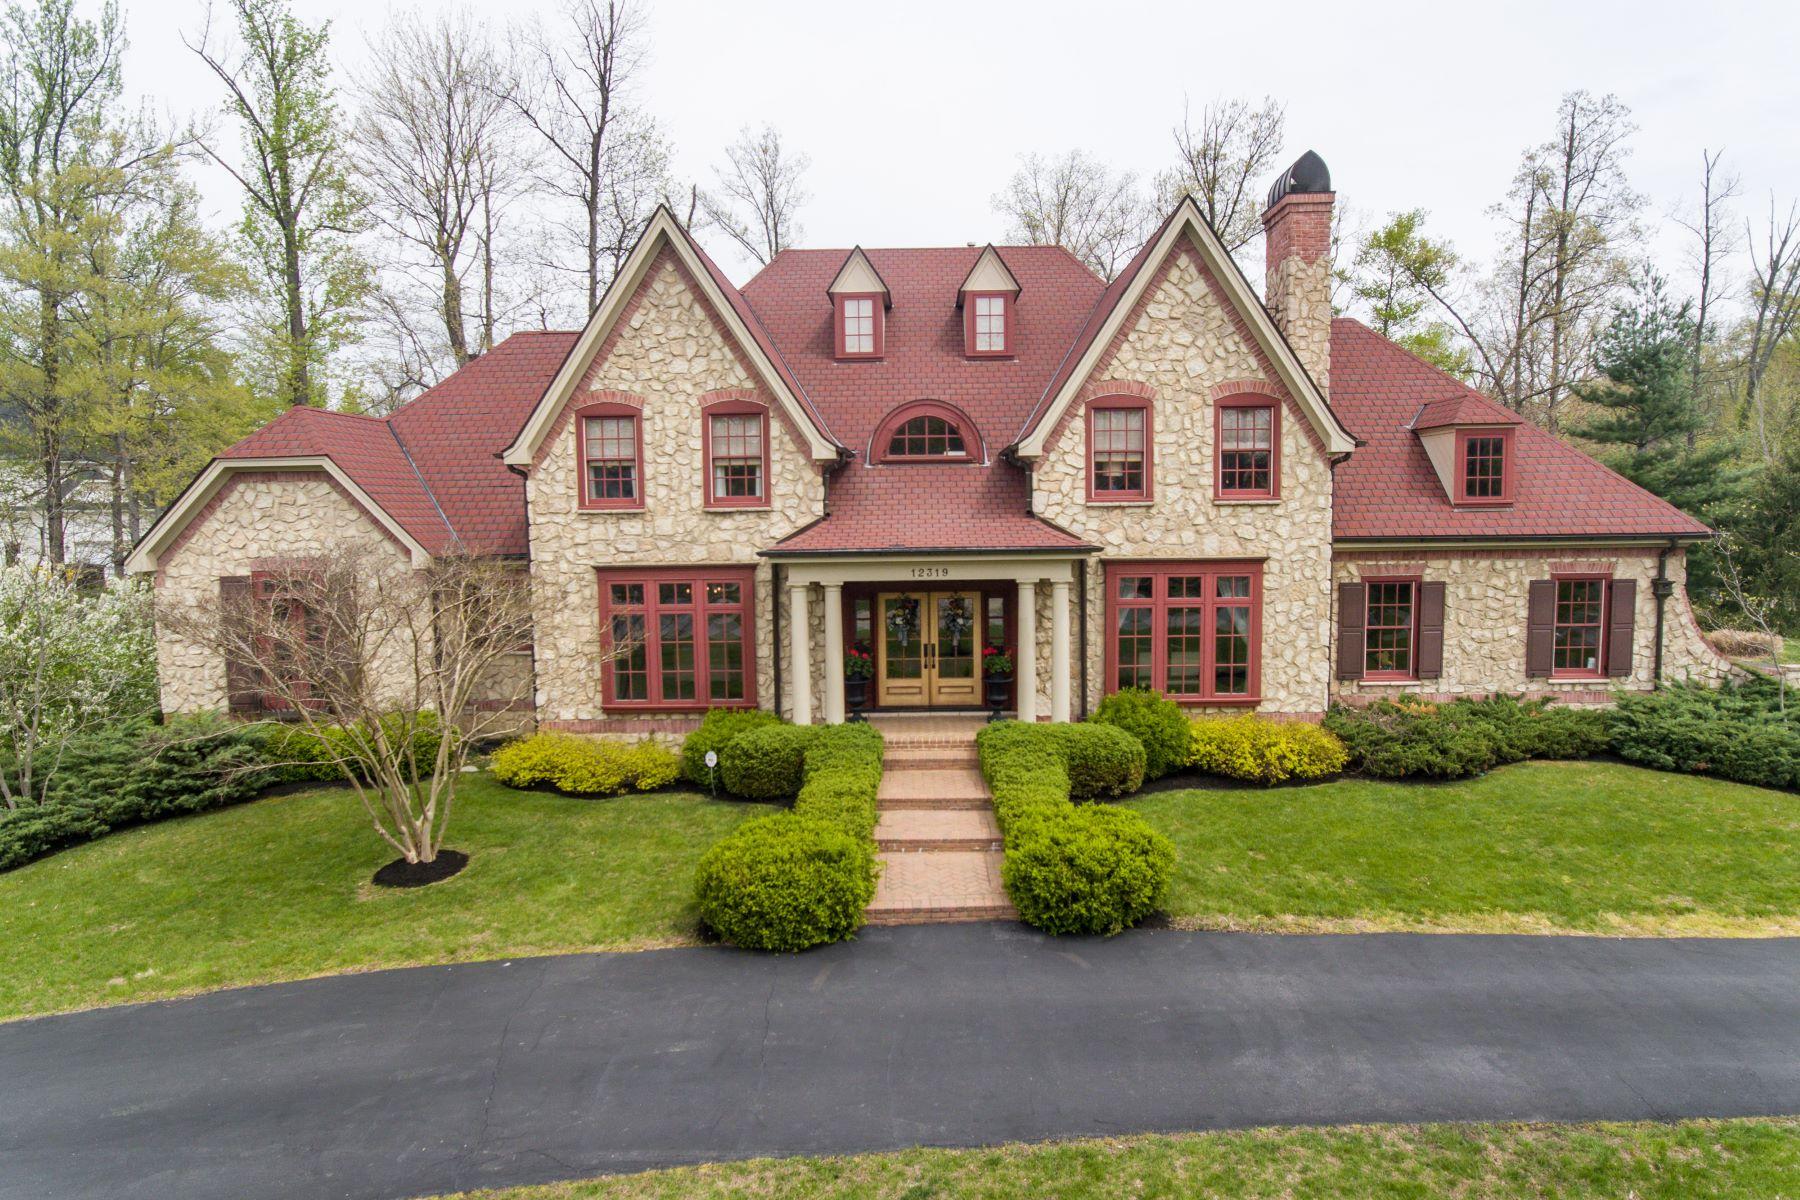 Частный односемейный дом для того Продажа на 12319 Forest School Lane Anchorage, Кентукки 40223 Соединенные Штаты